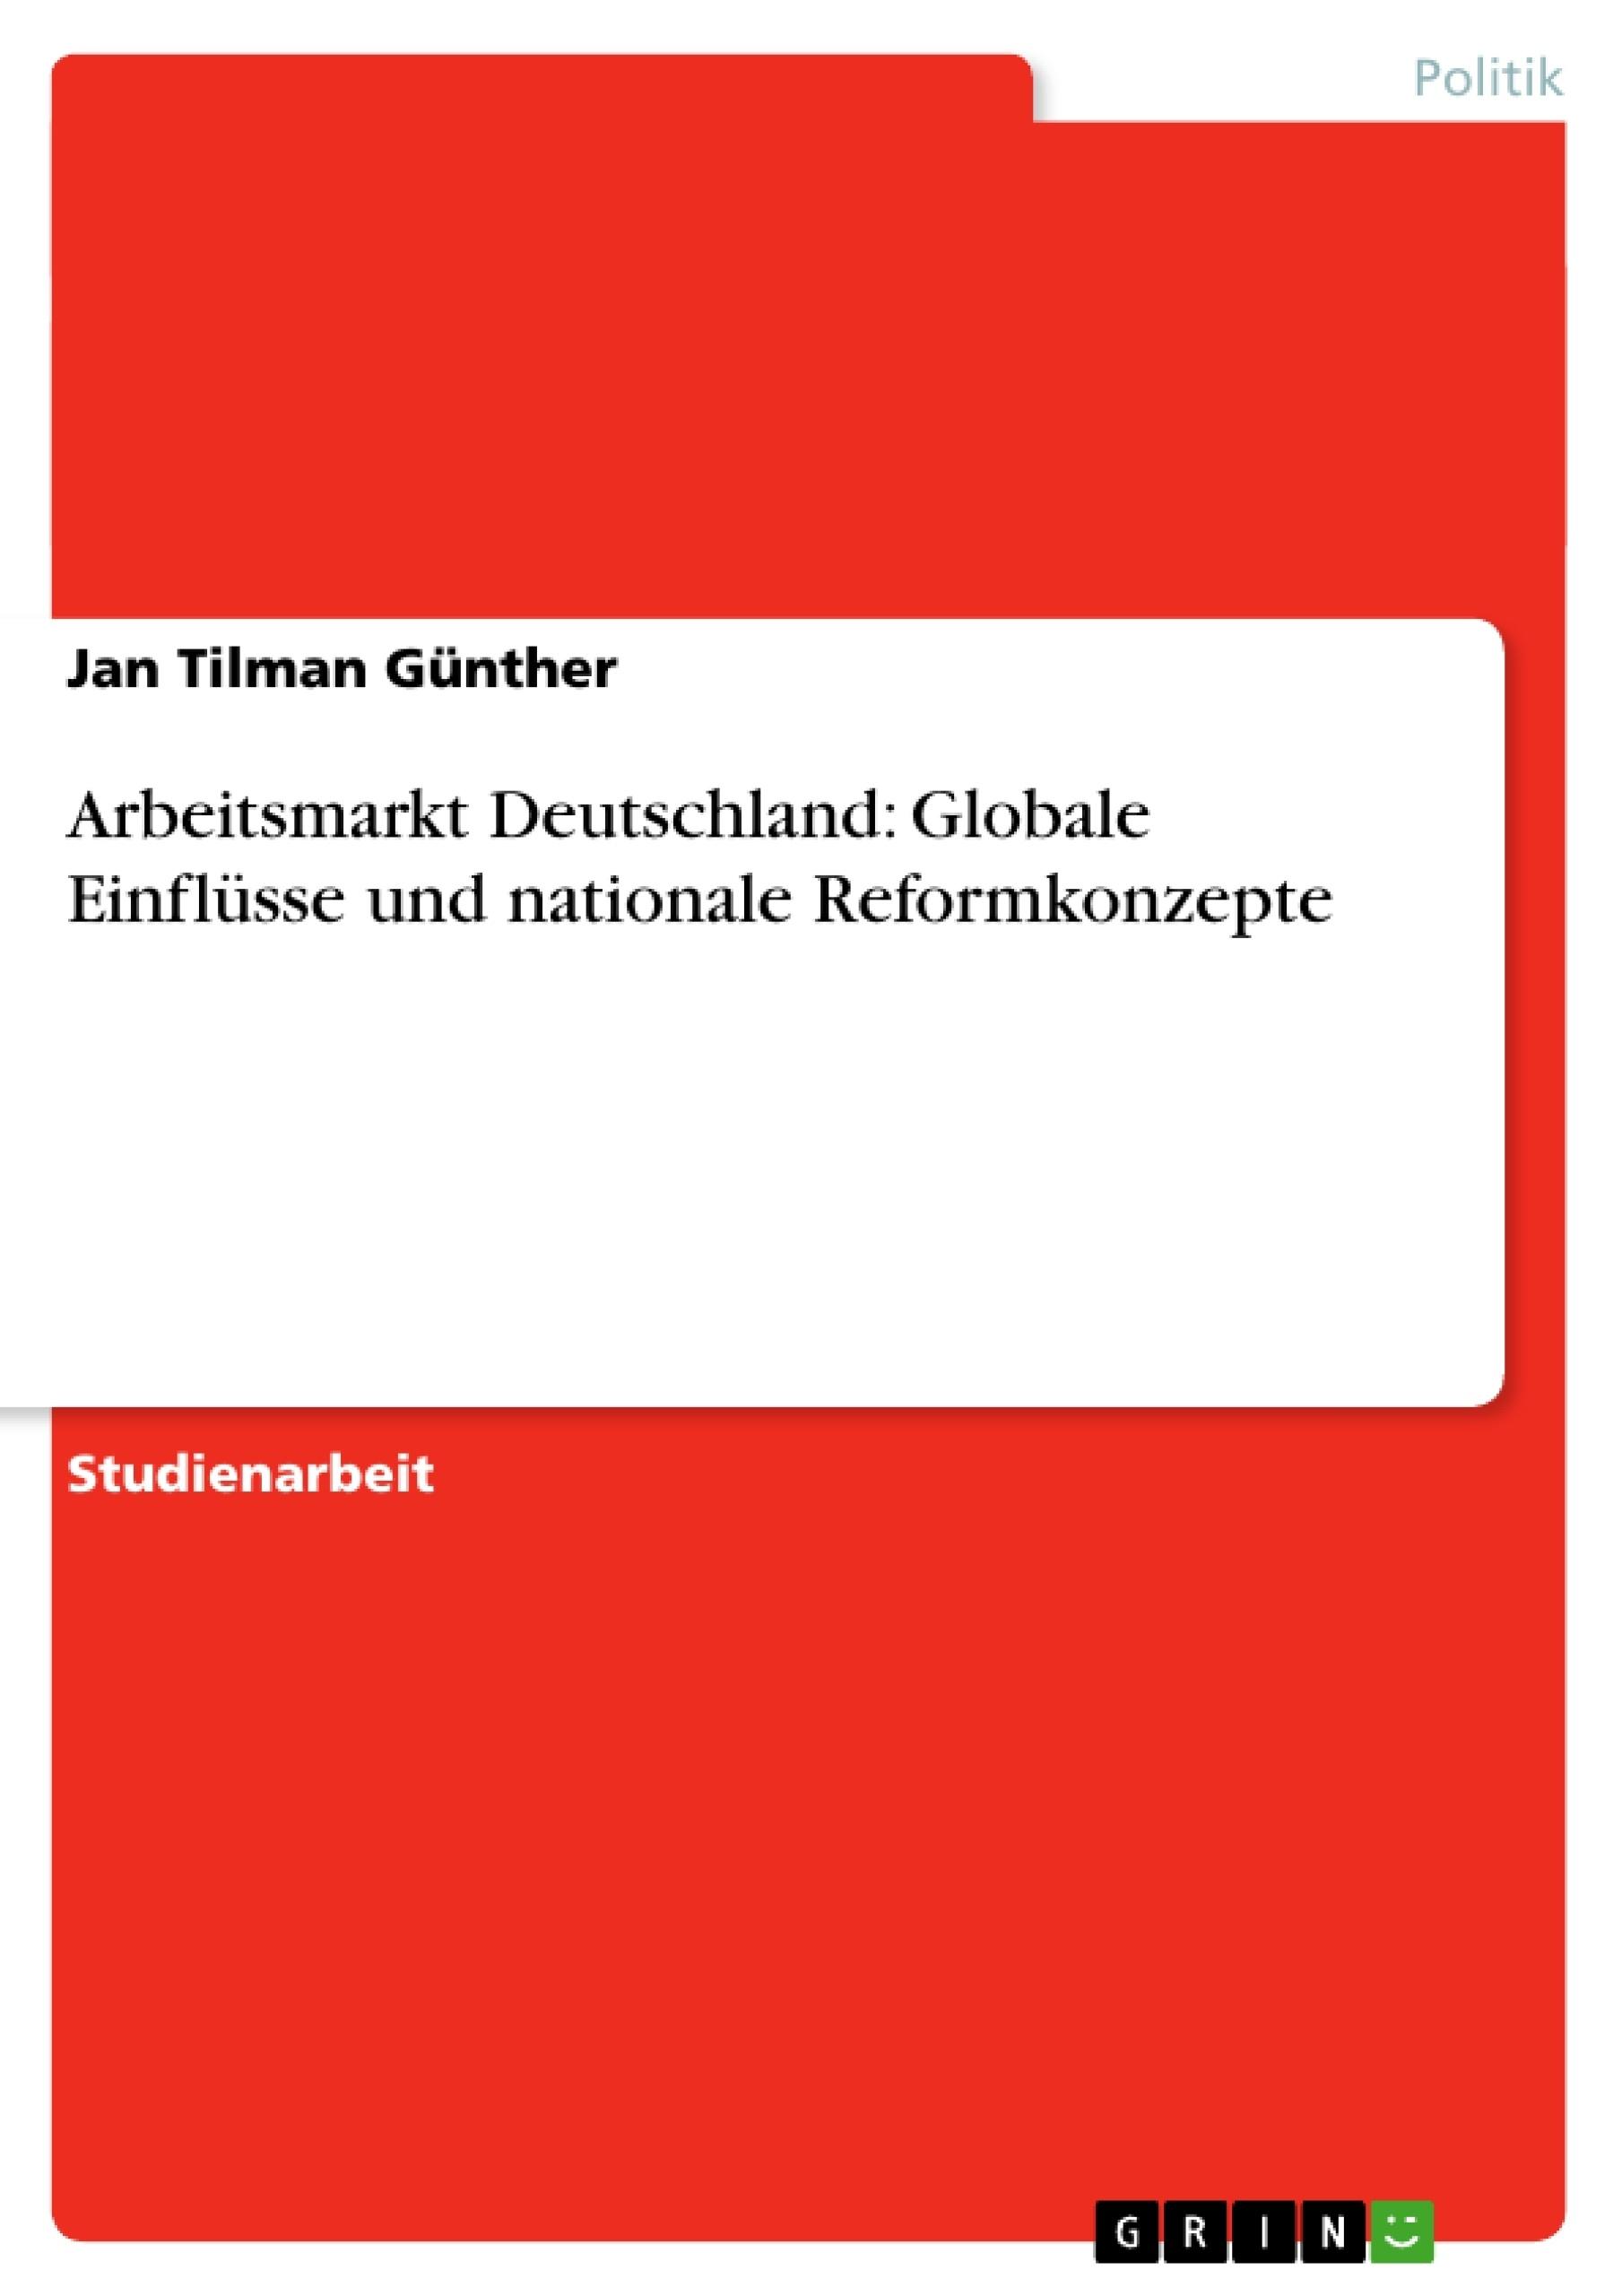 Titel: Arbeitsmarkt Deutschland: Globale Einflüsse und nationale Reformkonzepte